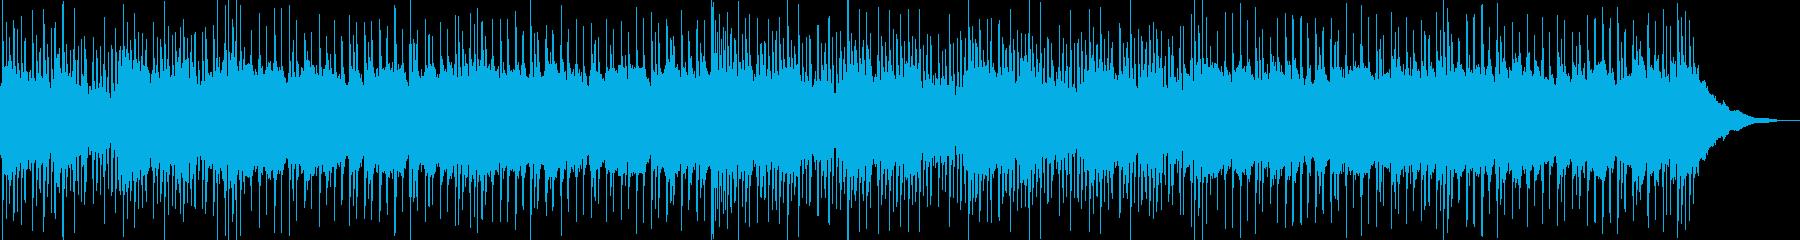 ロック・スポーツ・疾走感・シンプルの再生済みの波形